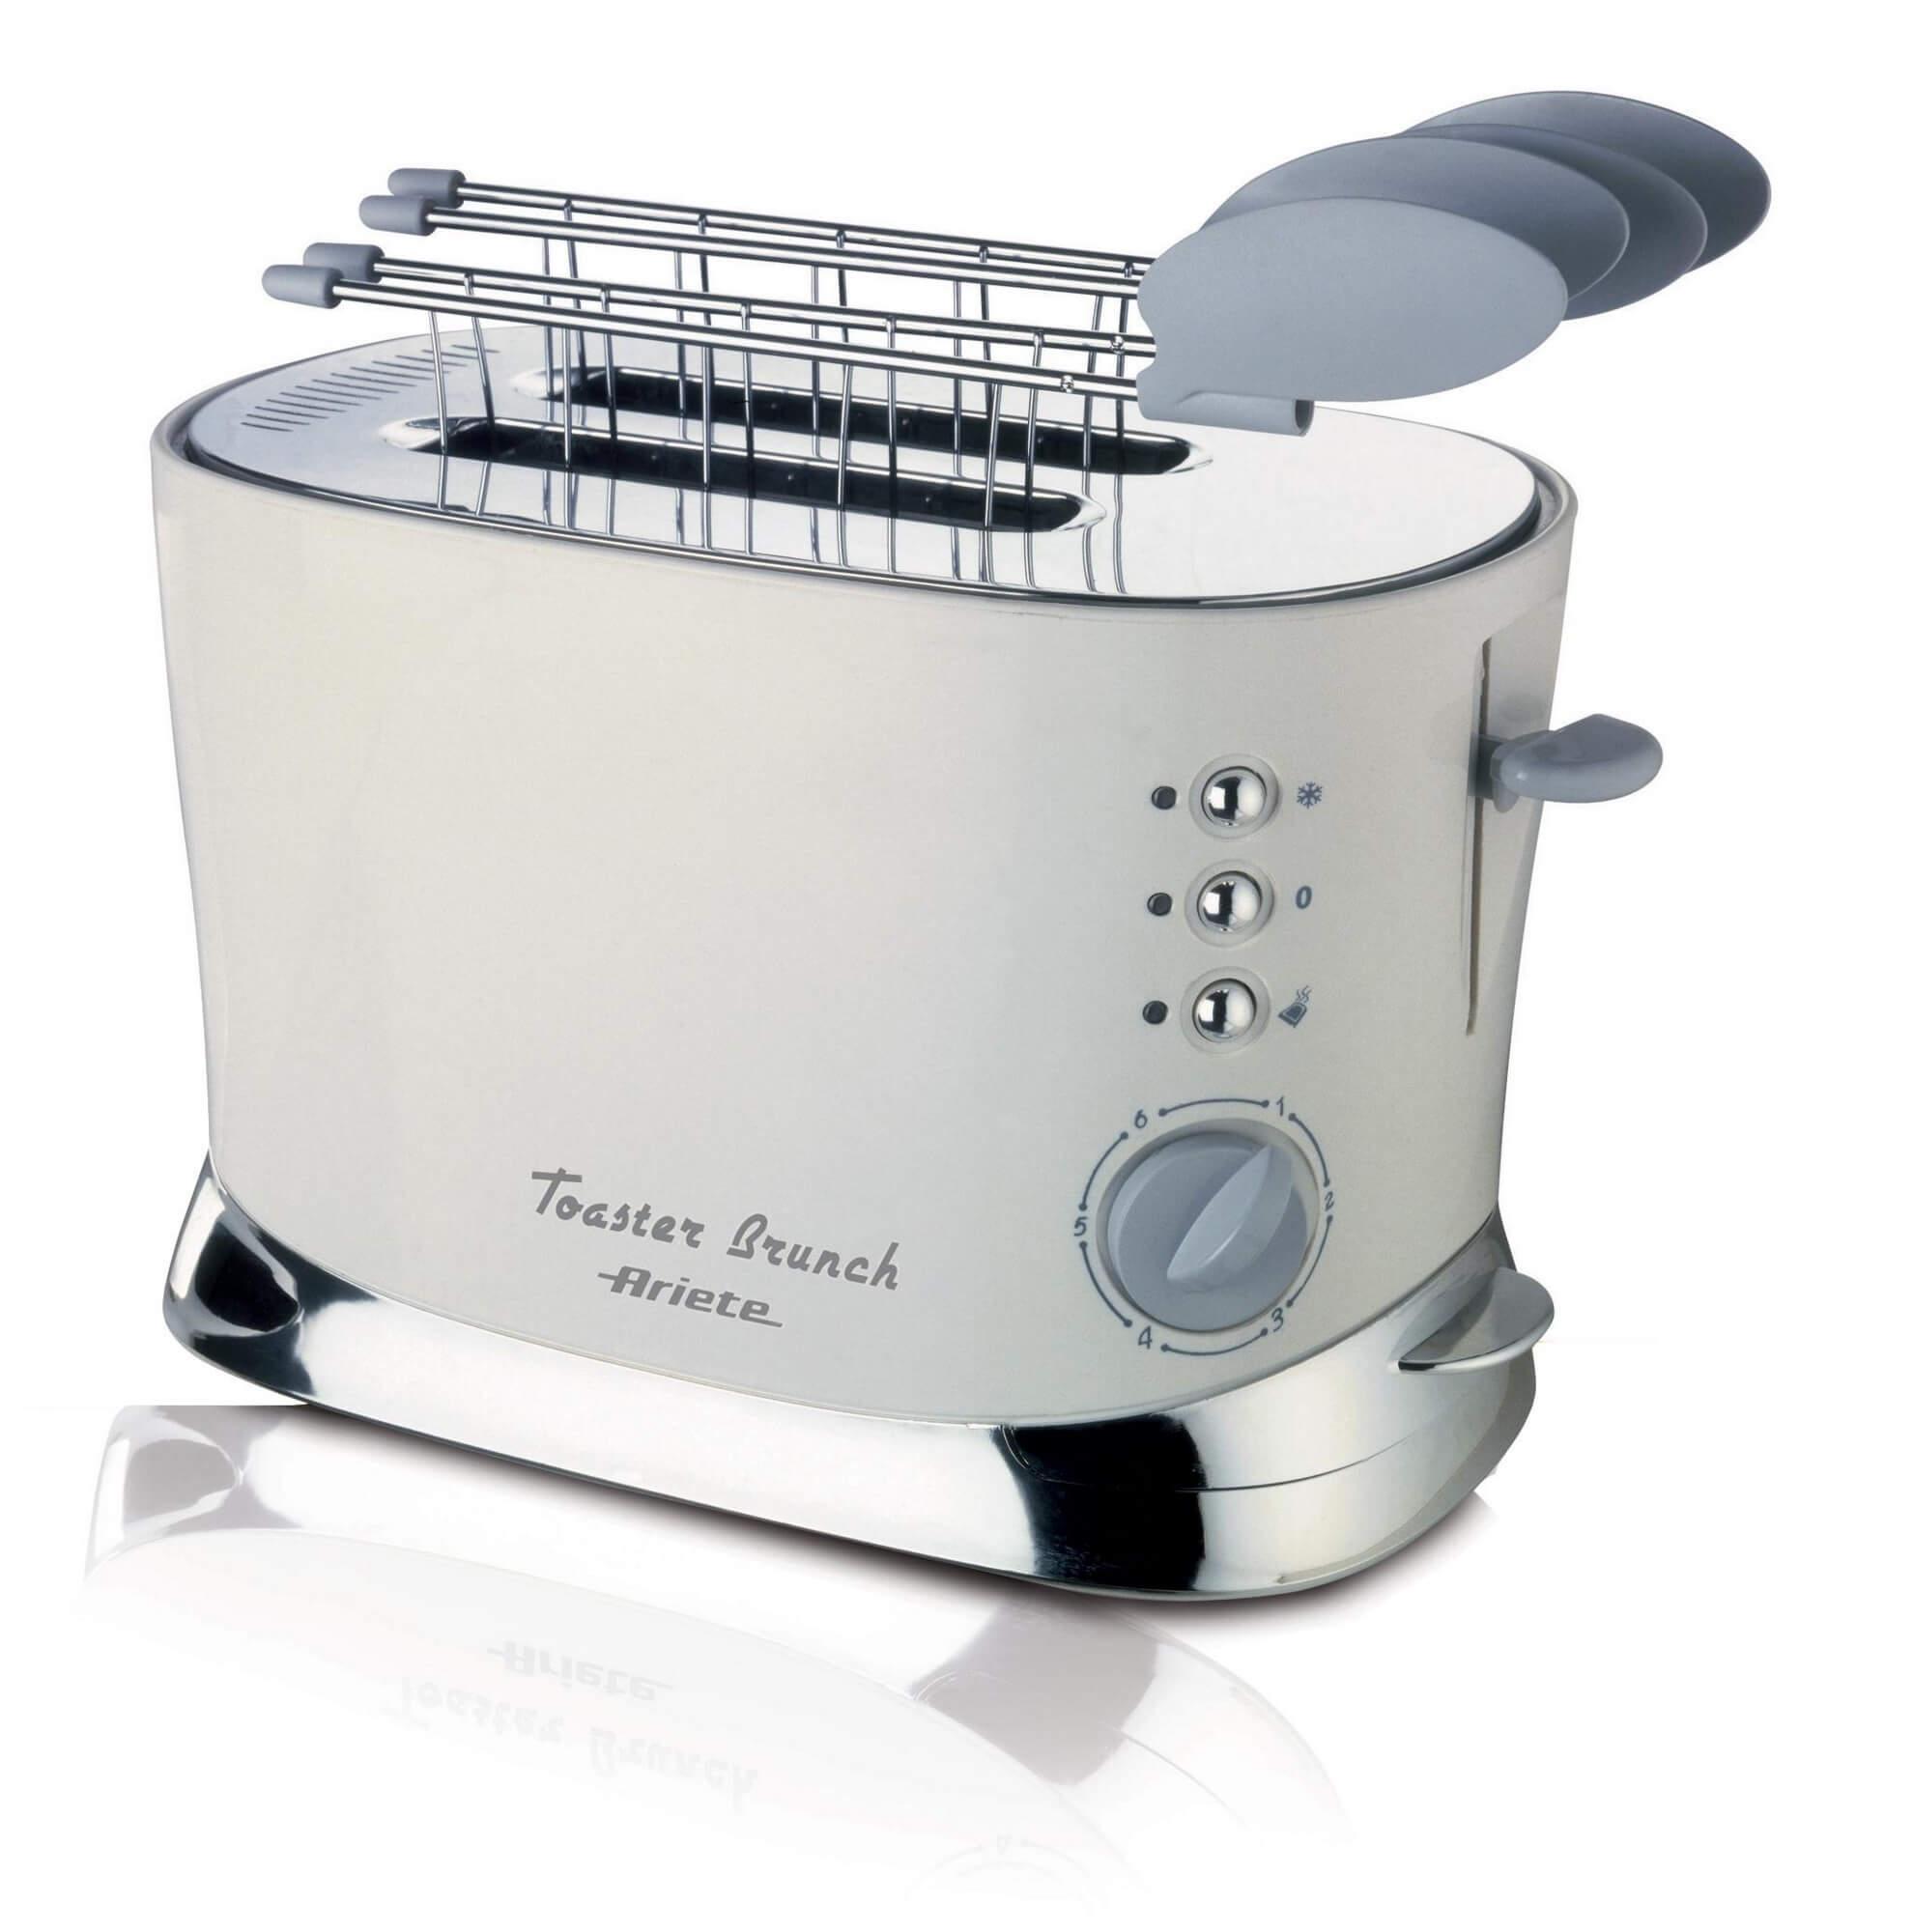 Home Ice Maker Machine Toaster Brunch - Ariete (EN)